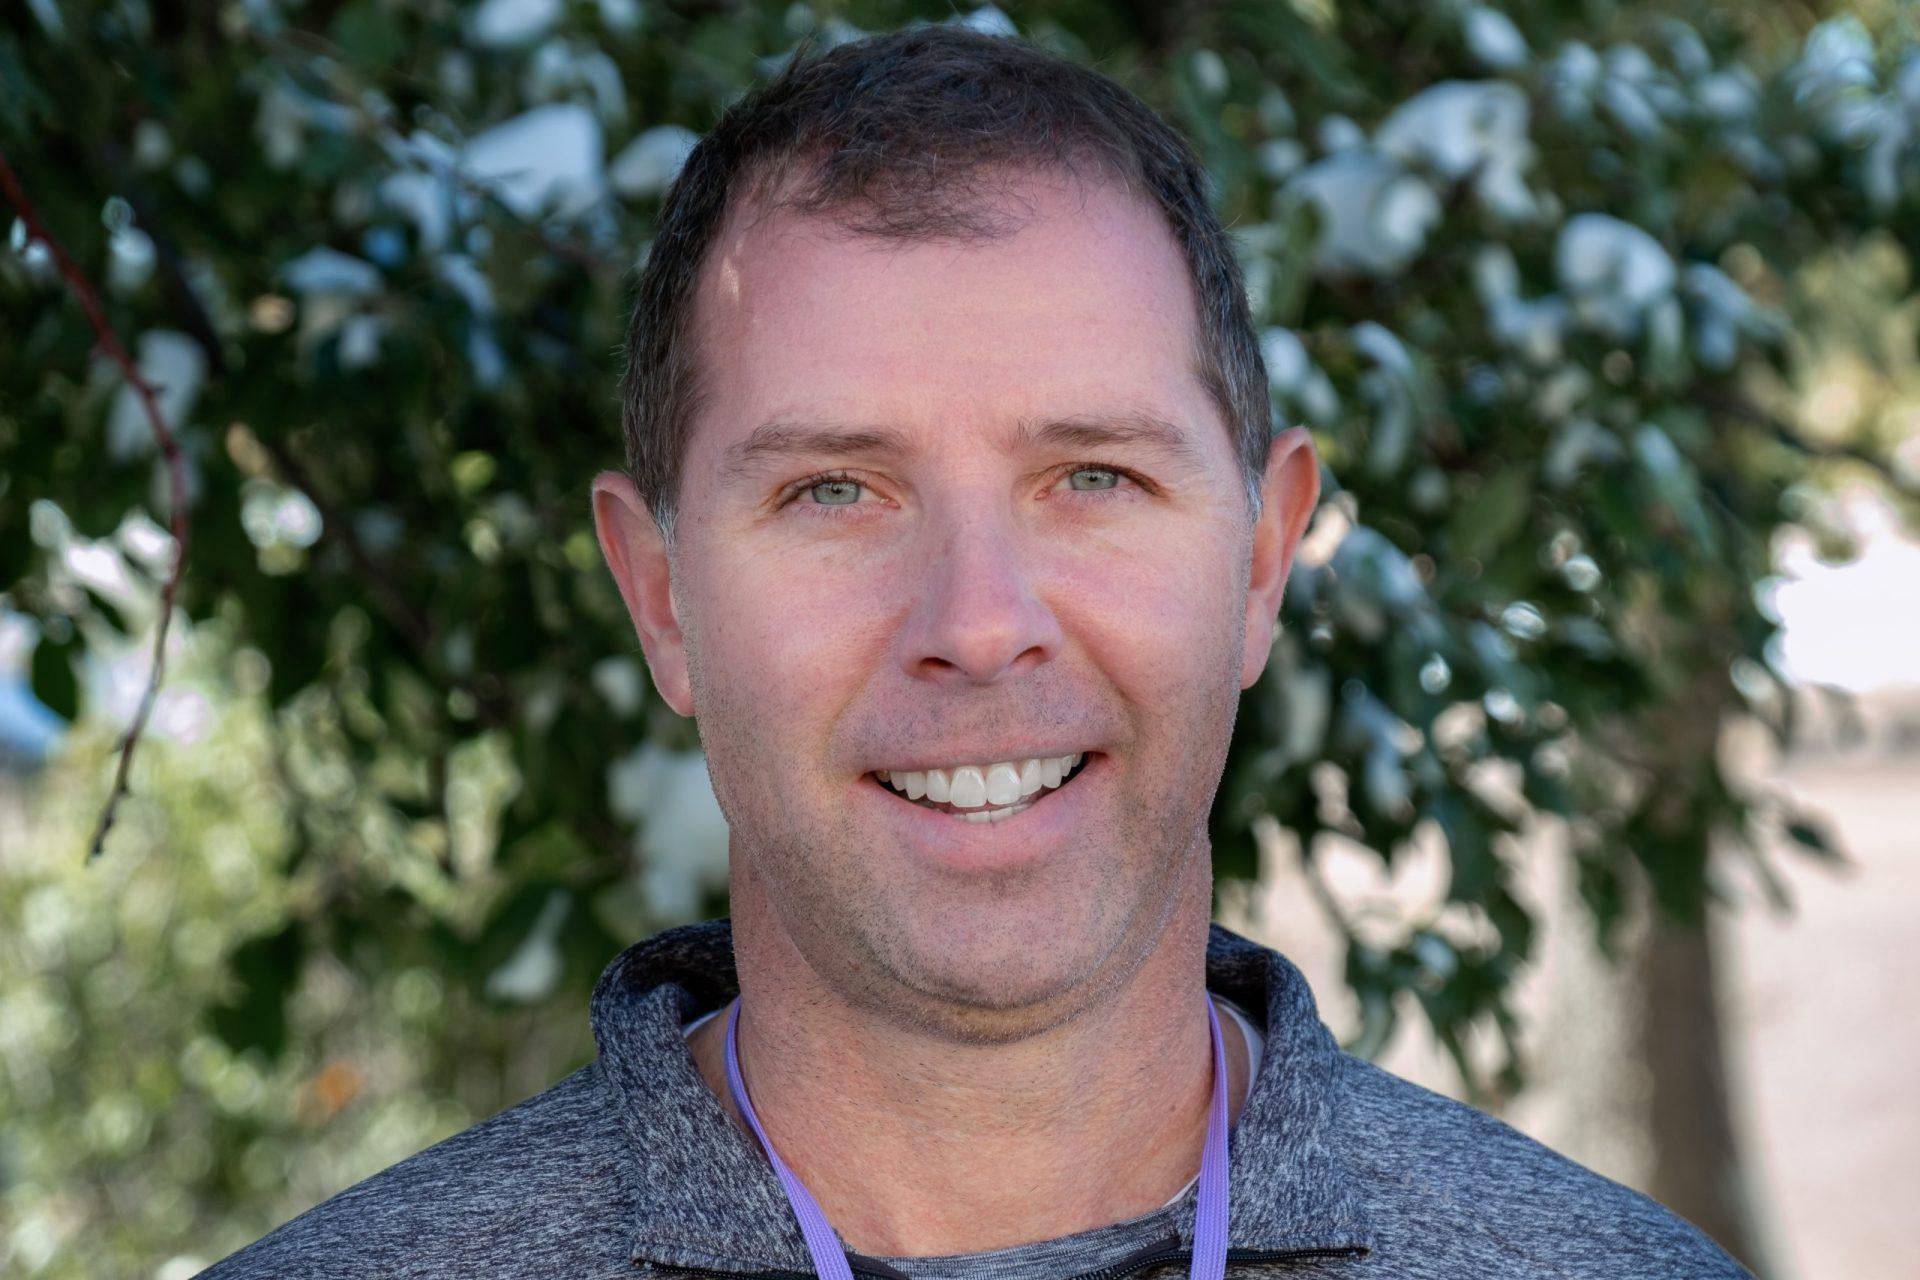 Steve Chiasson, DVM, cVMA